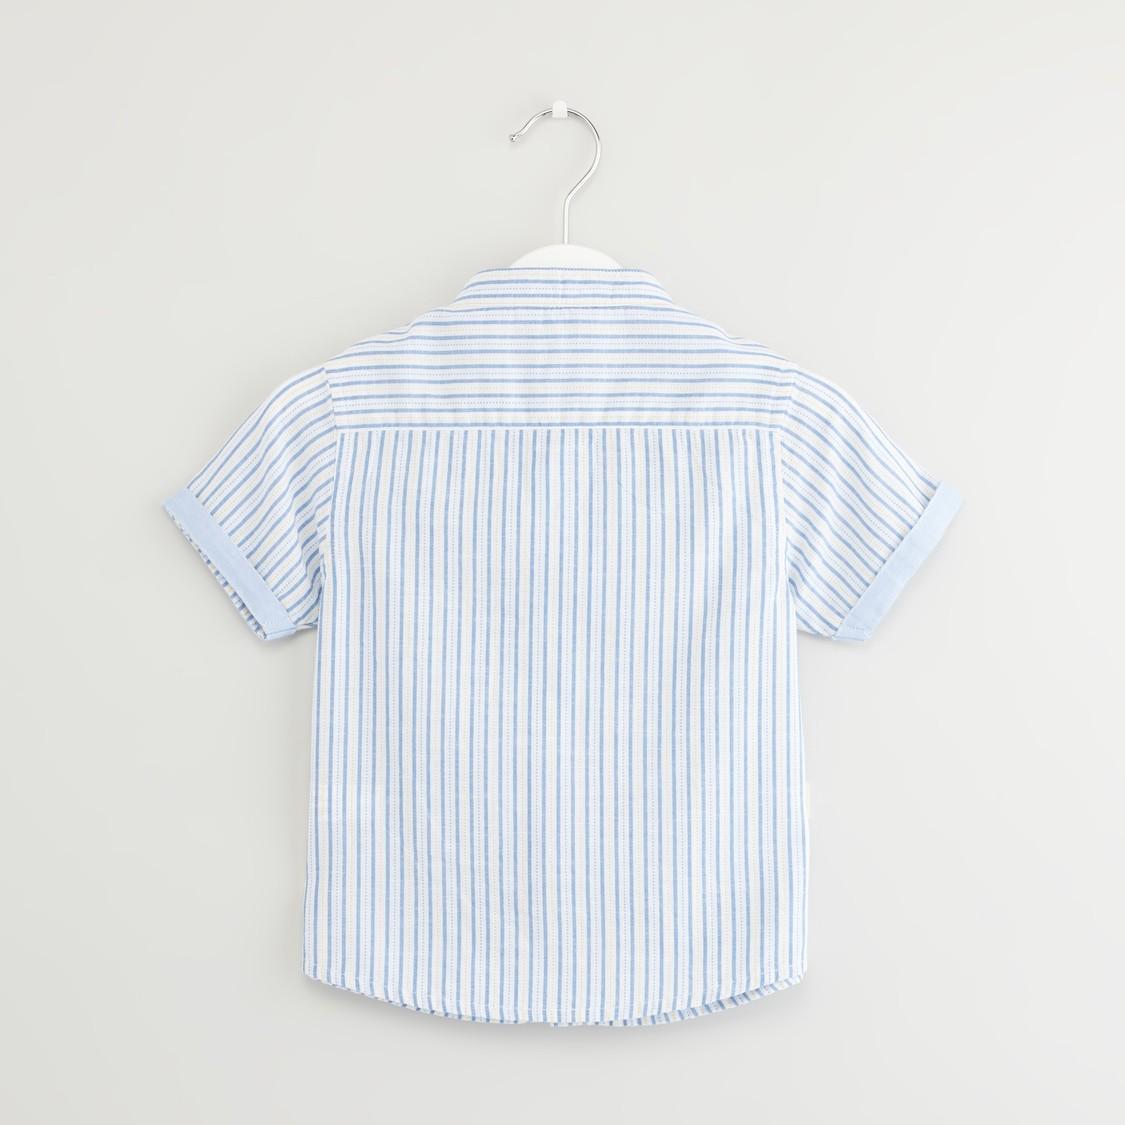 قميص مخطط بأكمام قصيرة وزخارف فيونكة